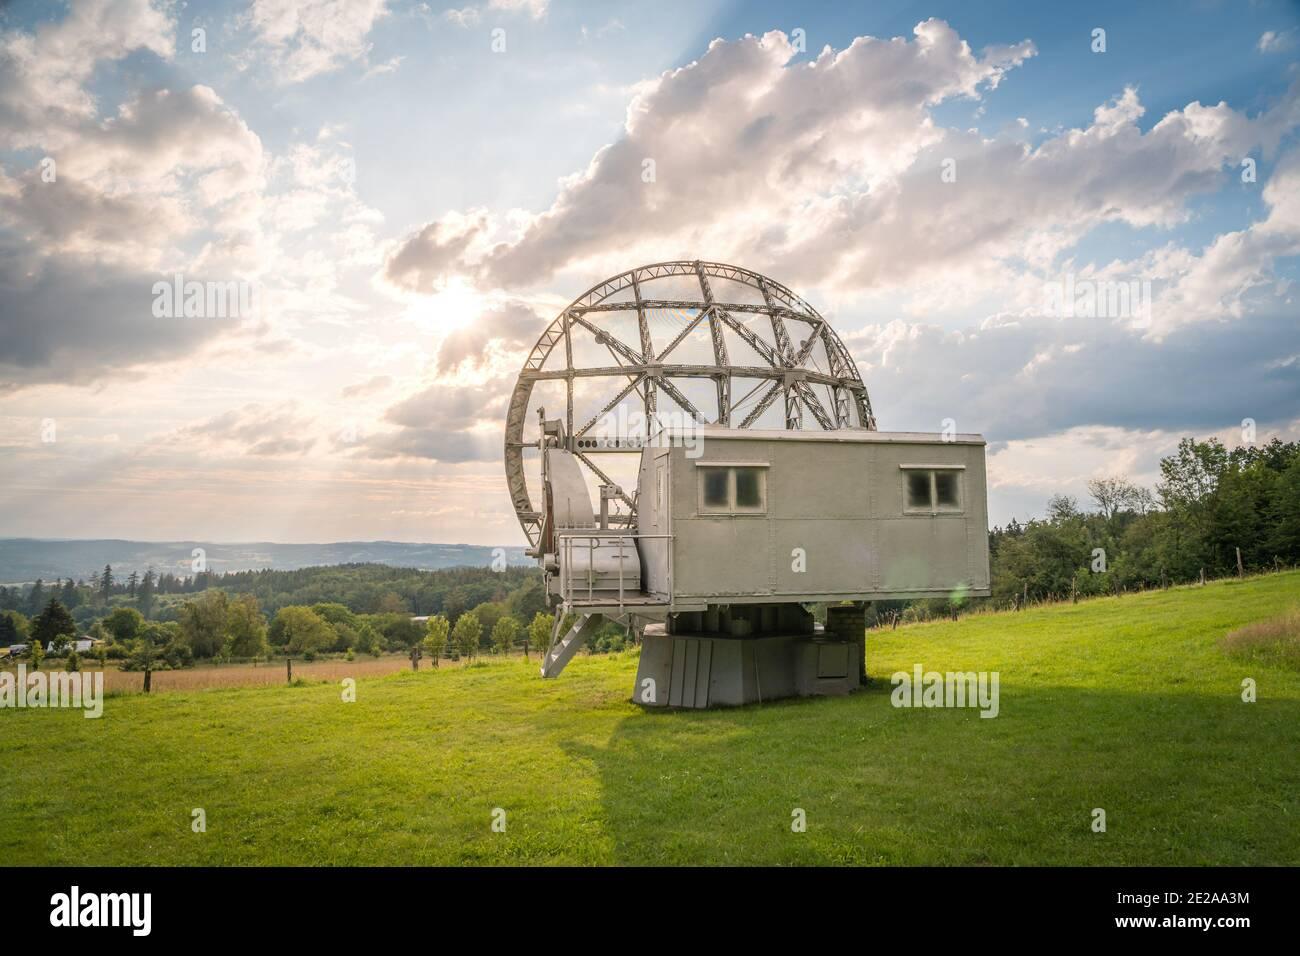 Parabola satellitare in un paesaggio estivo, radiotelescopio per la ricerca spaziale profonda. Osservatorio Ondrejov, repubblica Ceca. Foto Stock